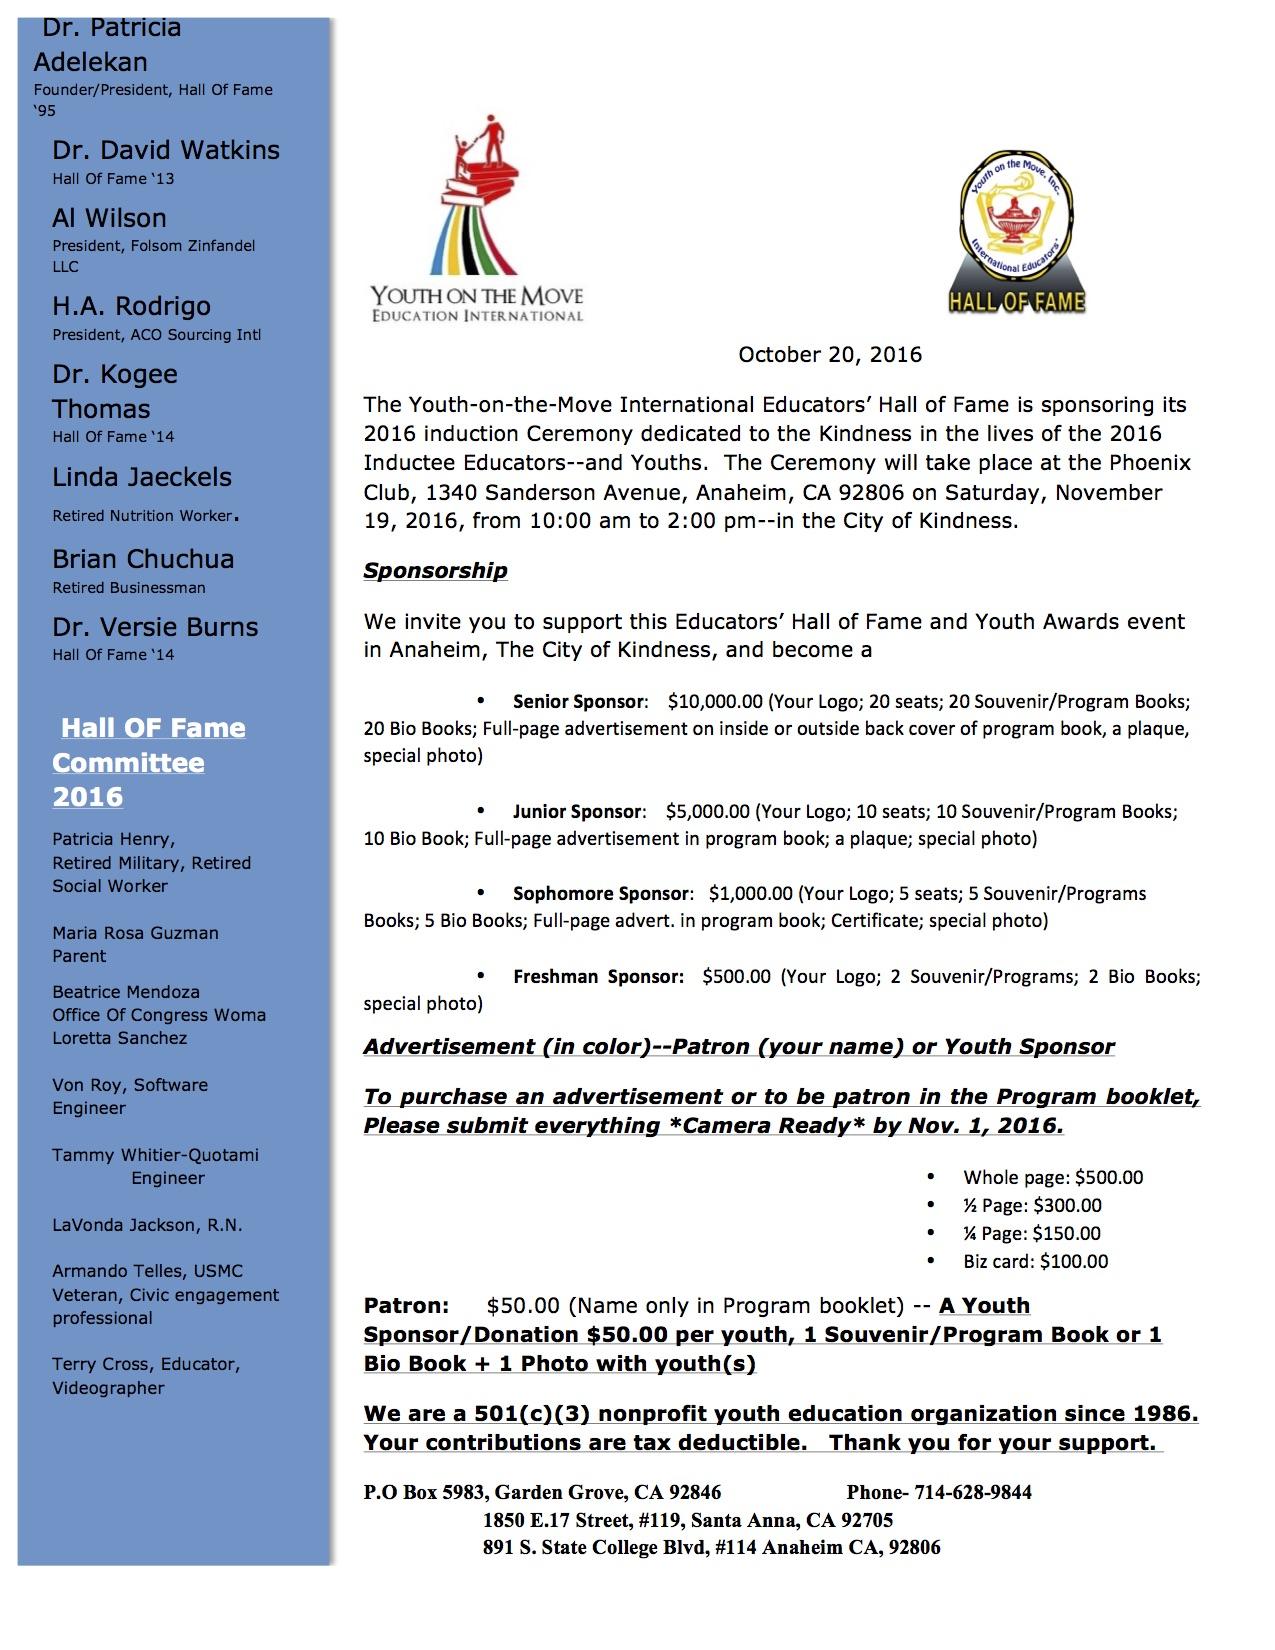 Final update SponsorAdvertisement Letter paa)Oct.10 (1).jpg